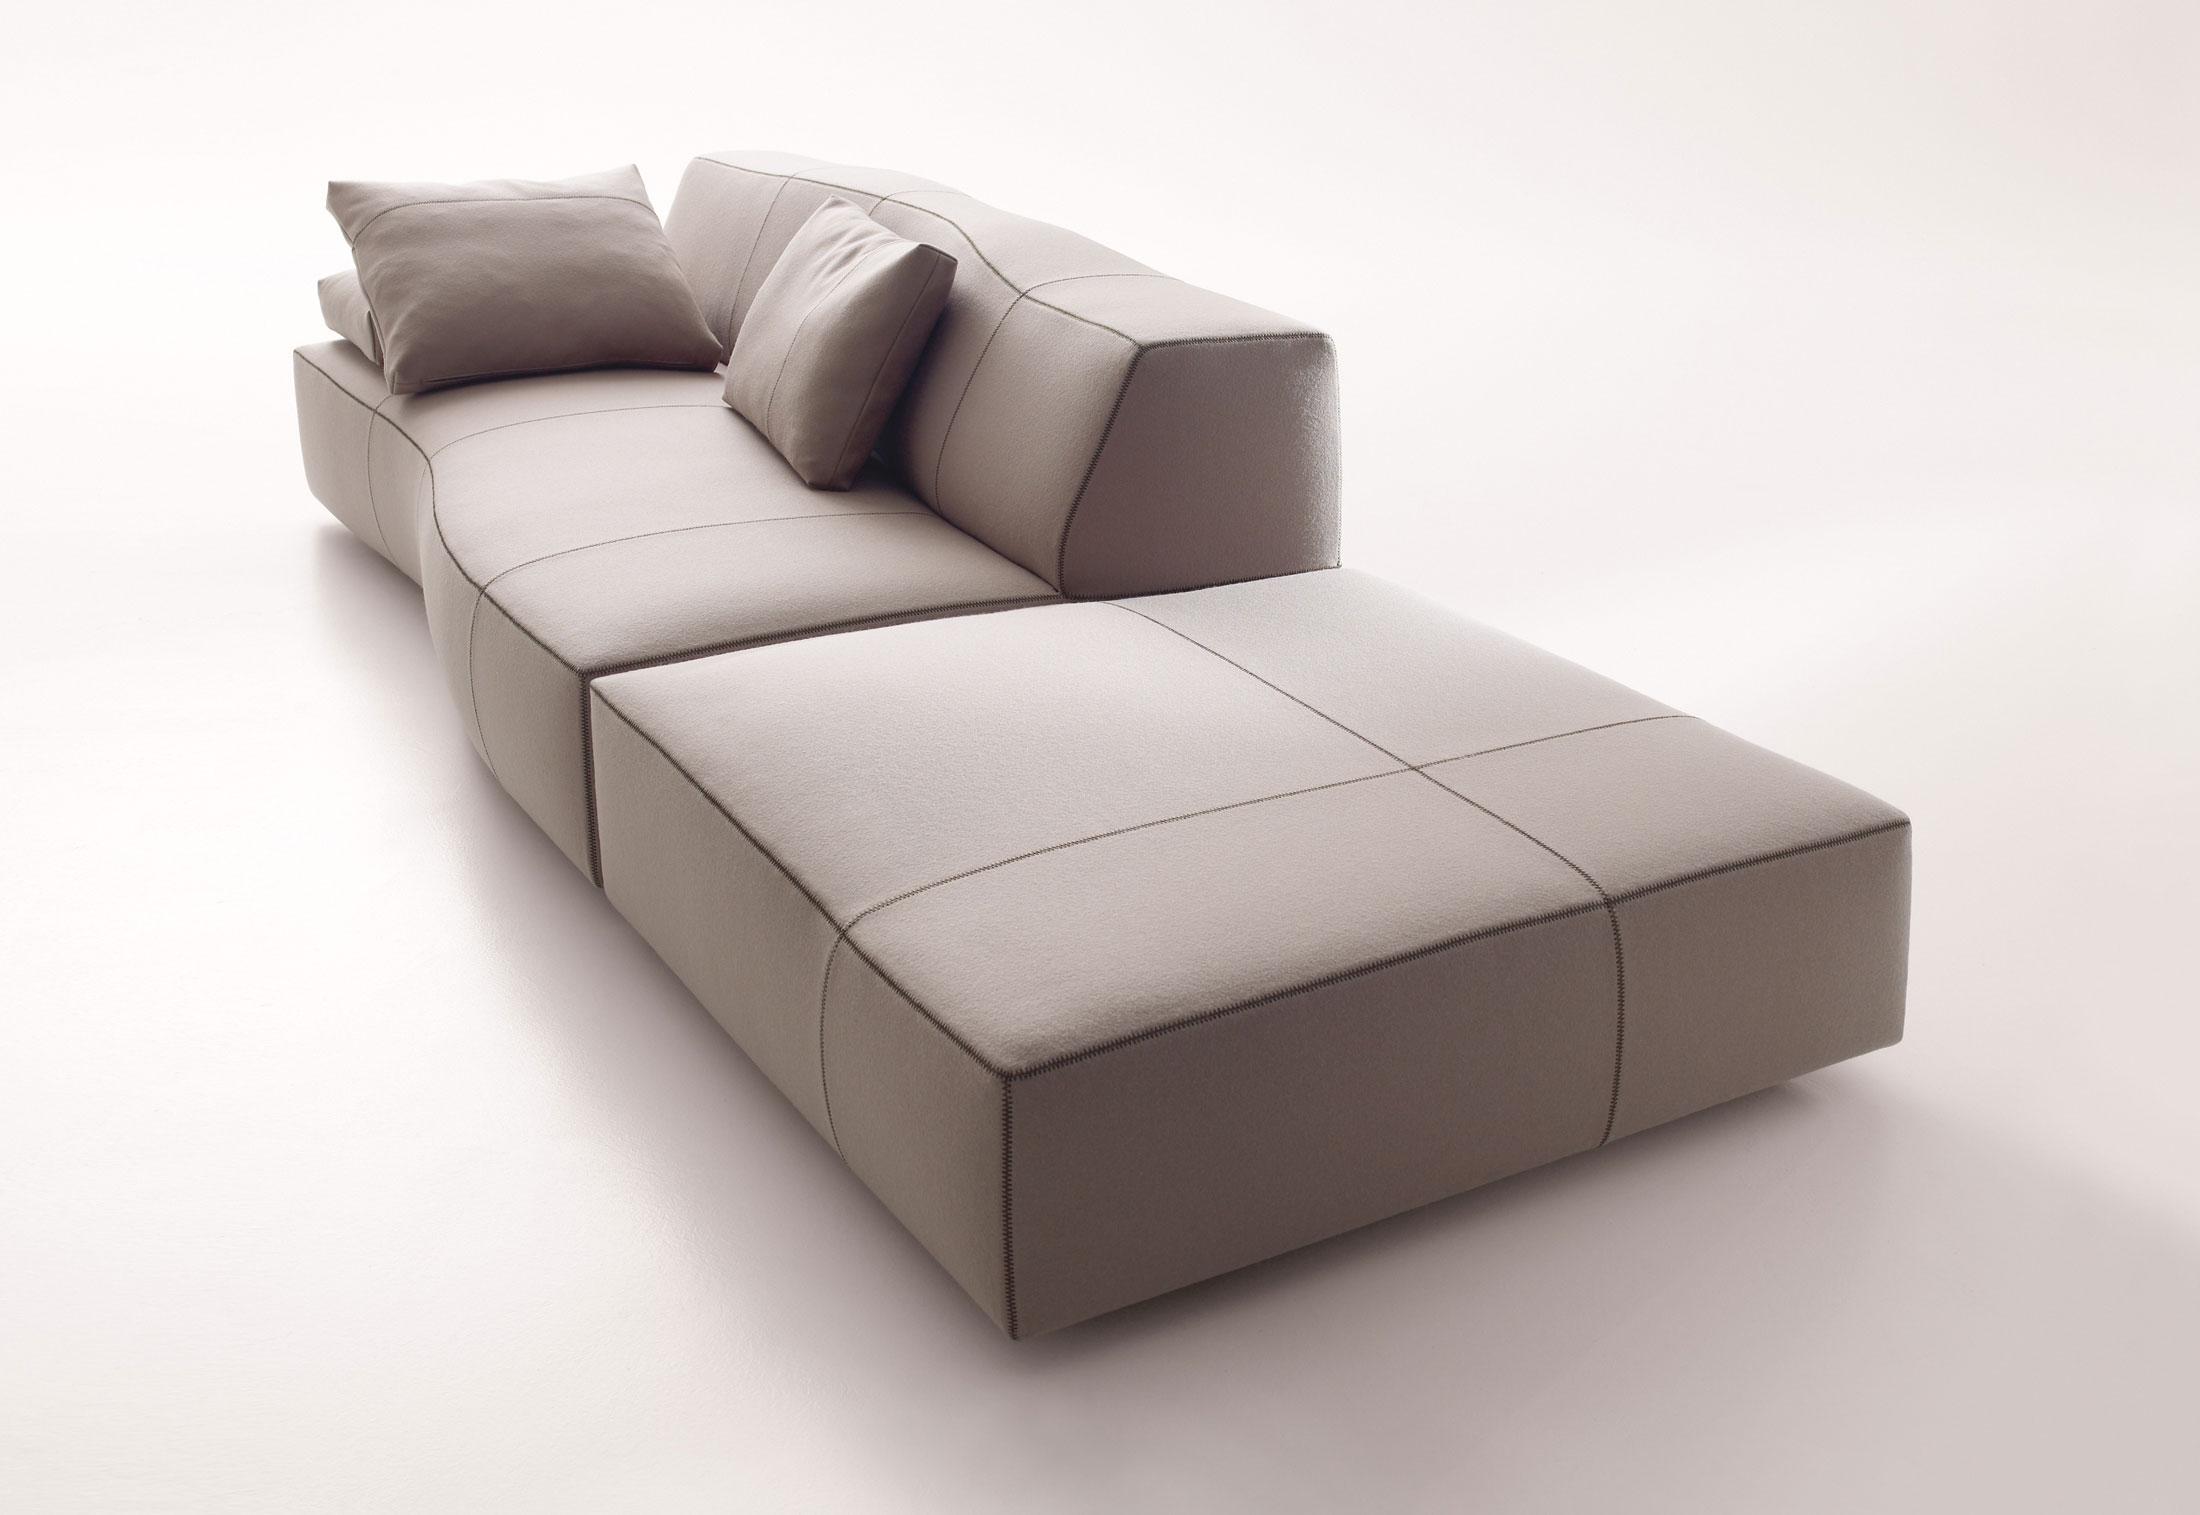 Bend sofa di b b italia divani e poltrone arredamento for Divani design italia